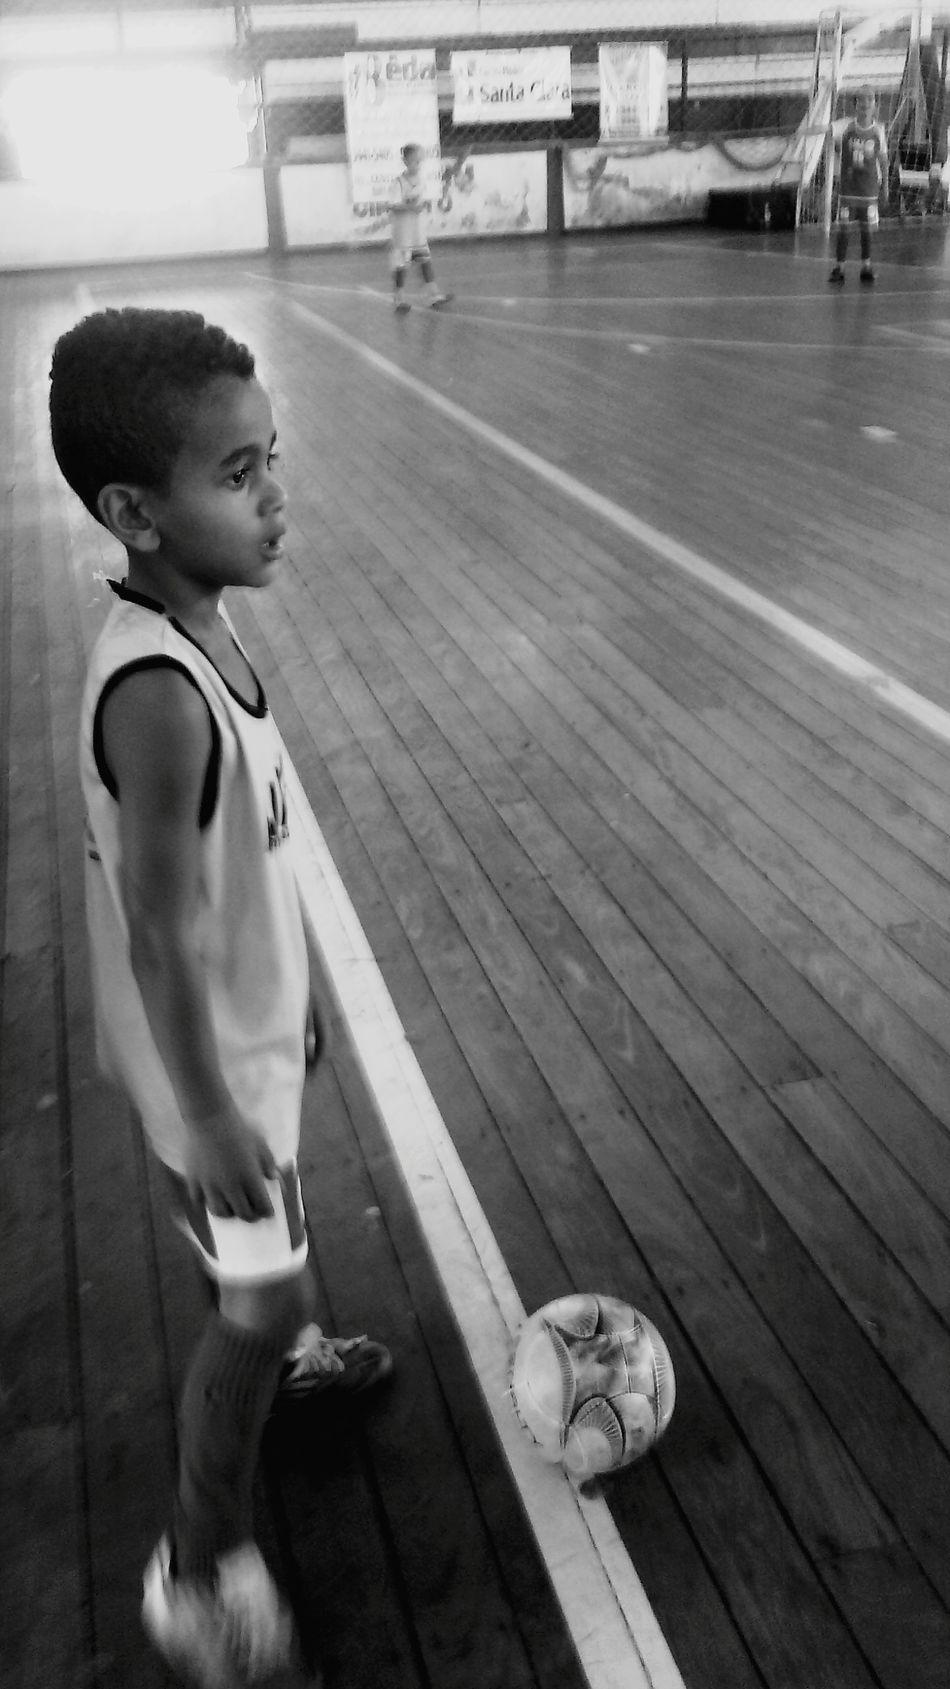 Capture The Moment Football Player Futsal Futsala Futsal Team Footballislife Futsal⚽👏❤ Lovesport❤ Sports Photography